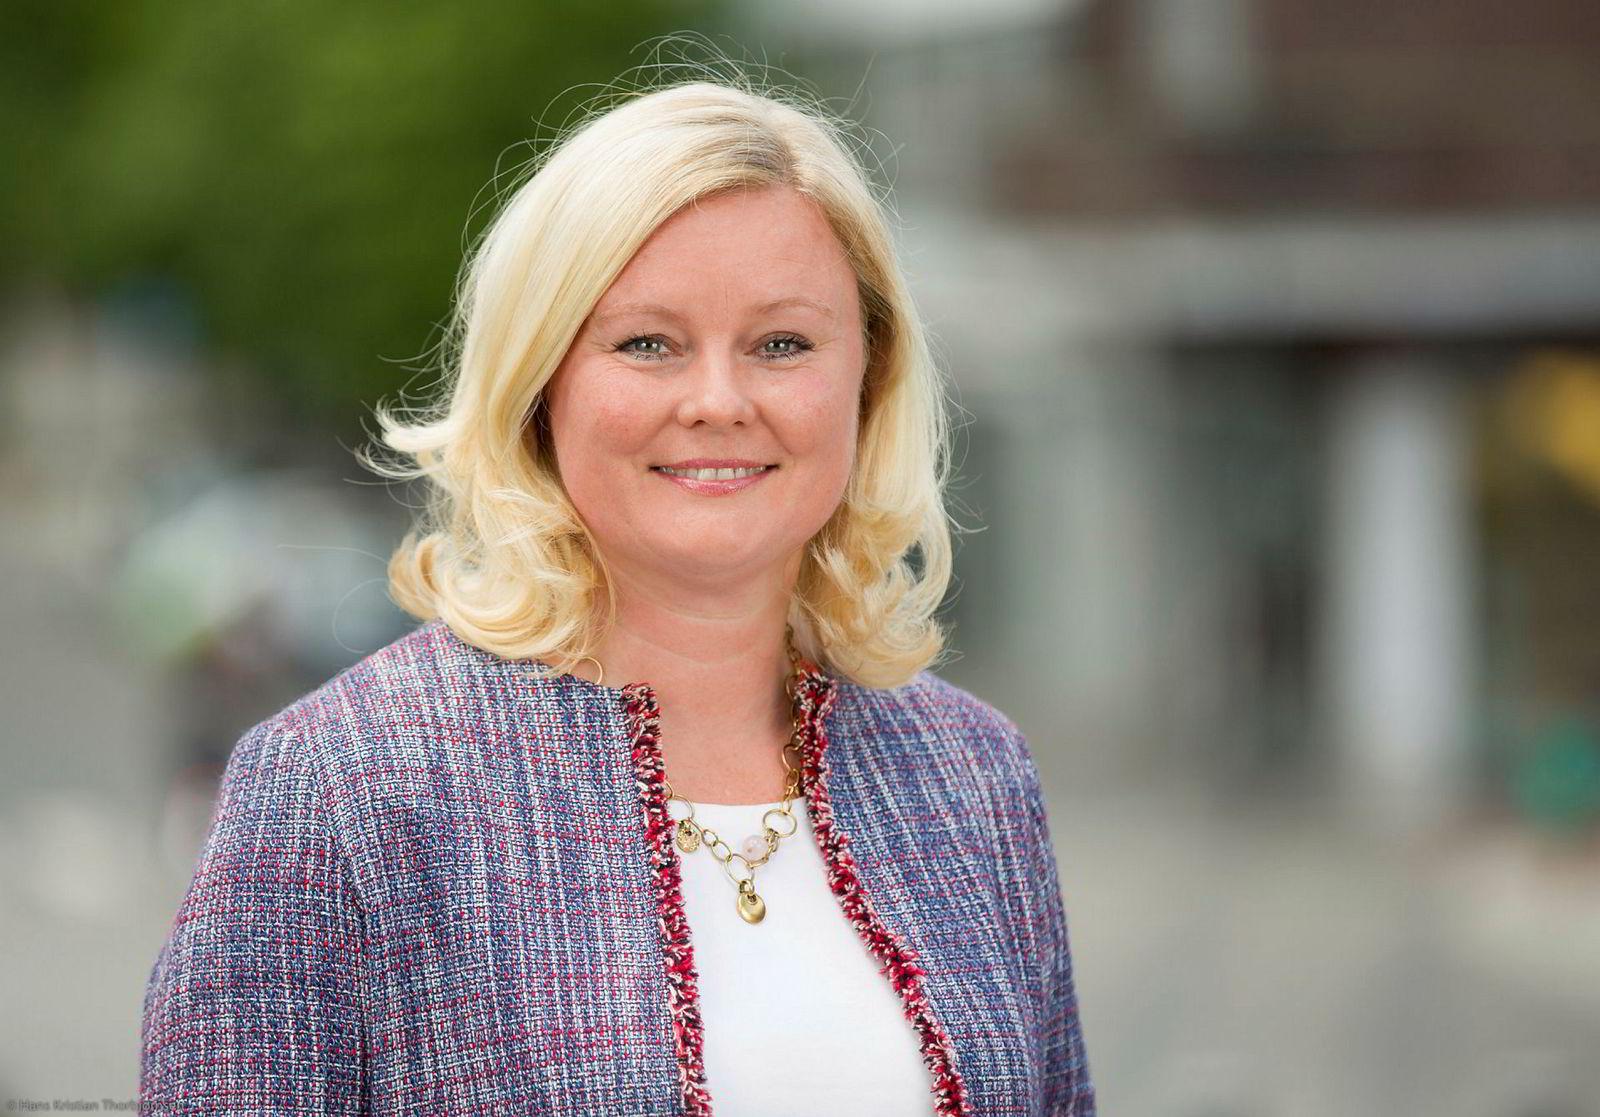 Fraksjonsleder i Byutviklingskomiteen Pia Farstad von Hall mener det er bra at Raymond Johansen vil kjøpe opp de aktuelle bygårdene fra Ivar Tollefsen.